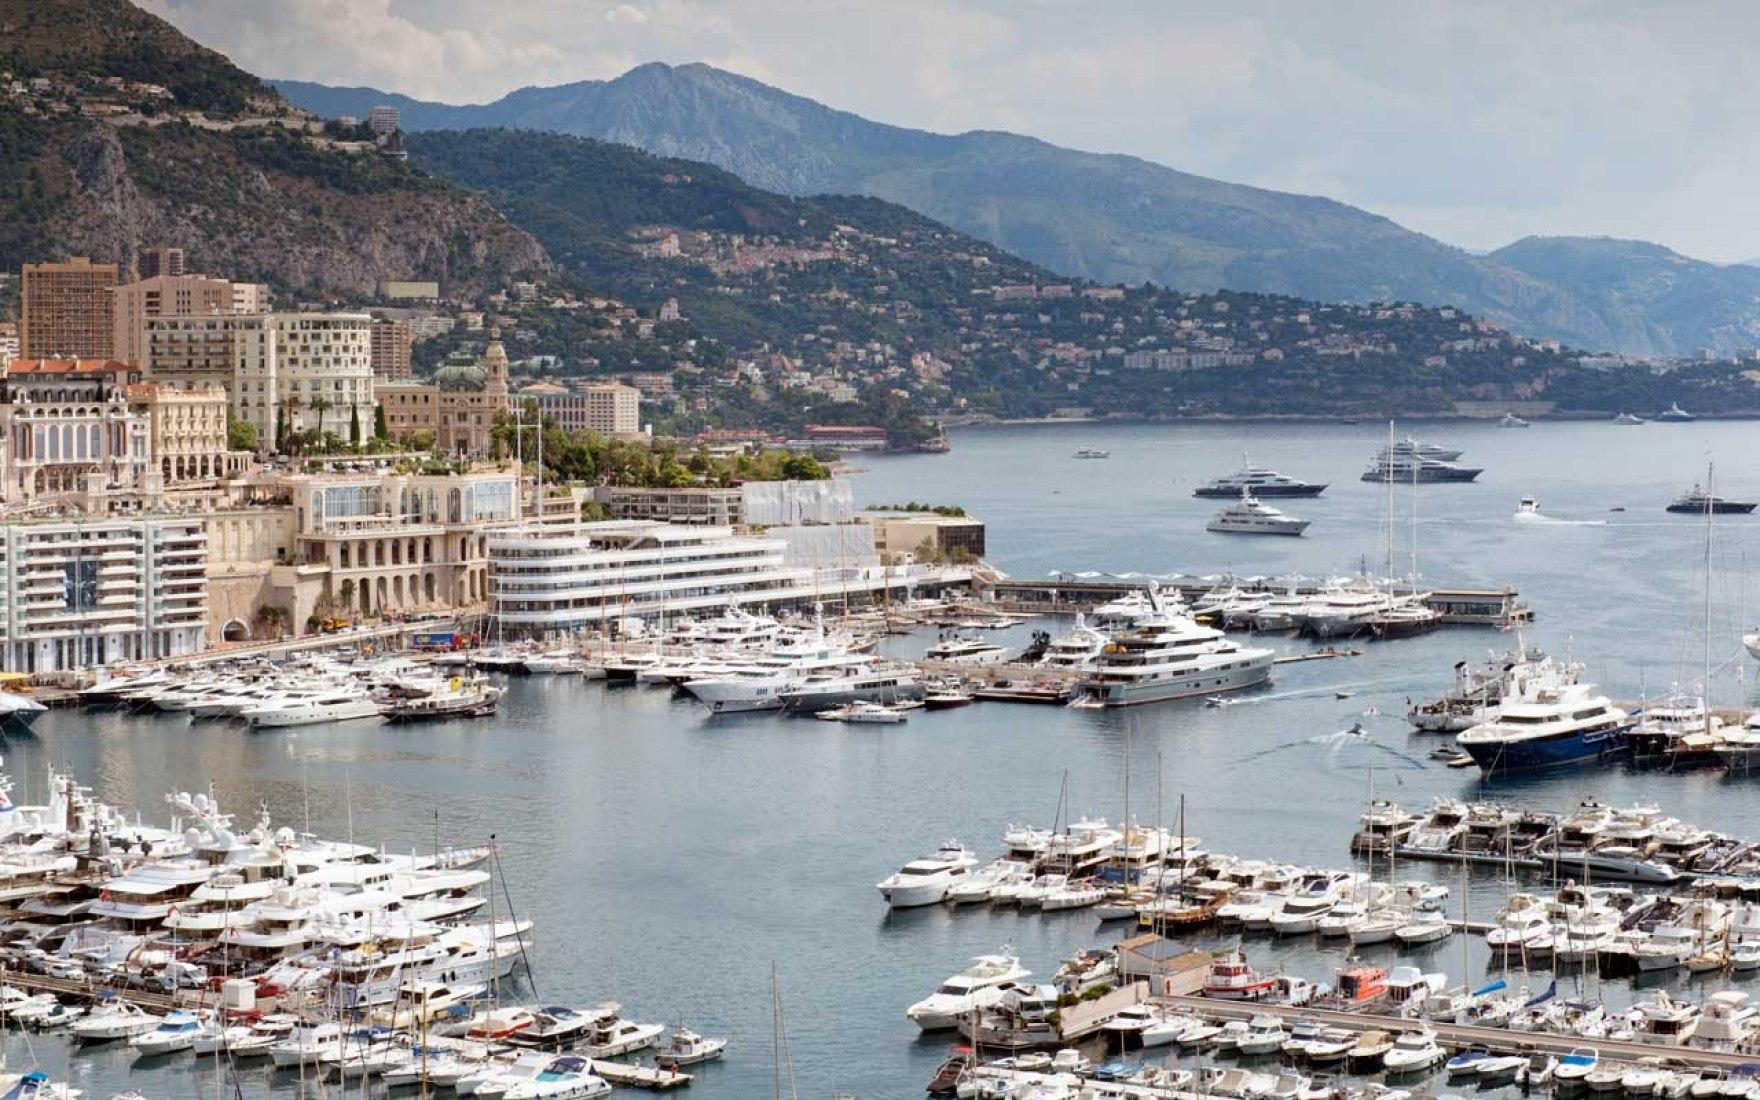 Club Náutico de Monaco por Foster+Partner. Imagen © Foster+Partner.